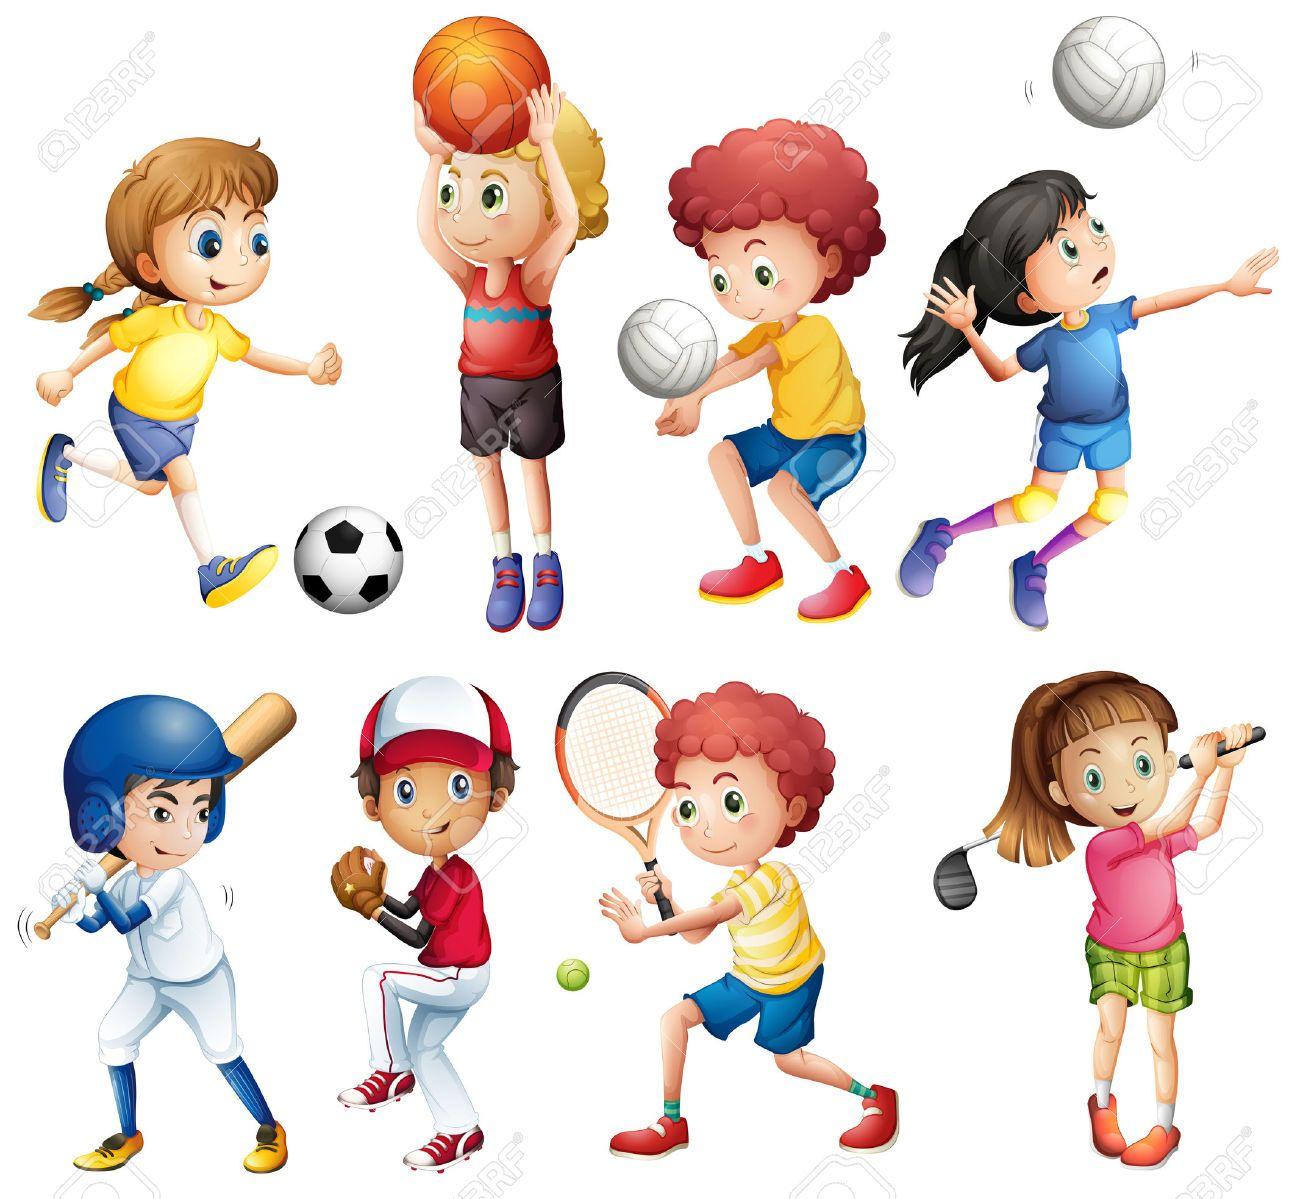 Children clipart sport. Illustrazione di molti bambini